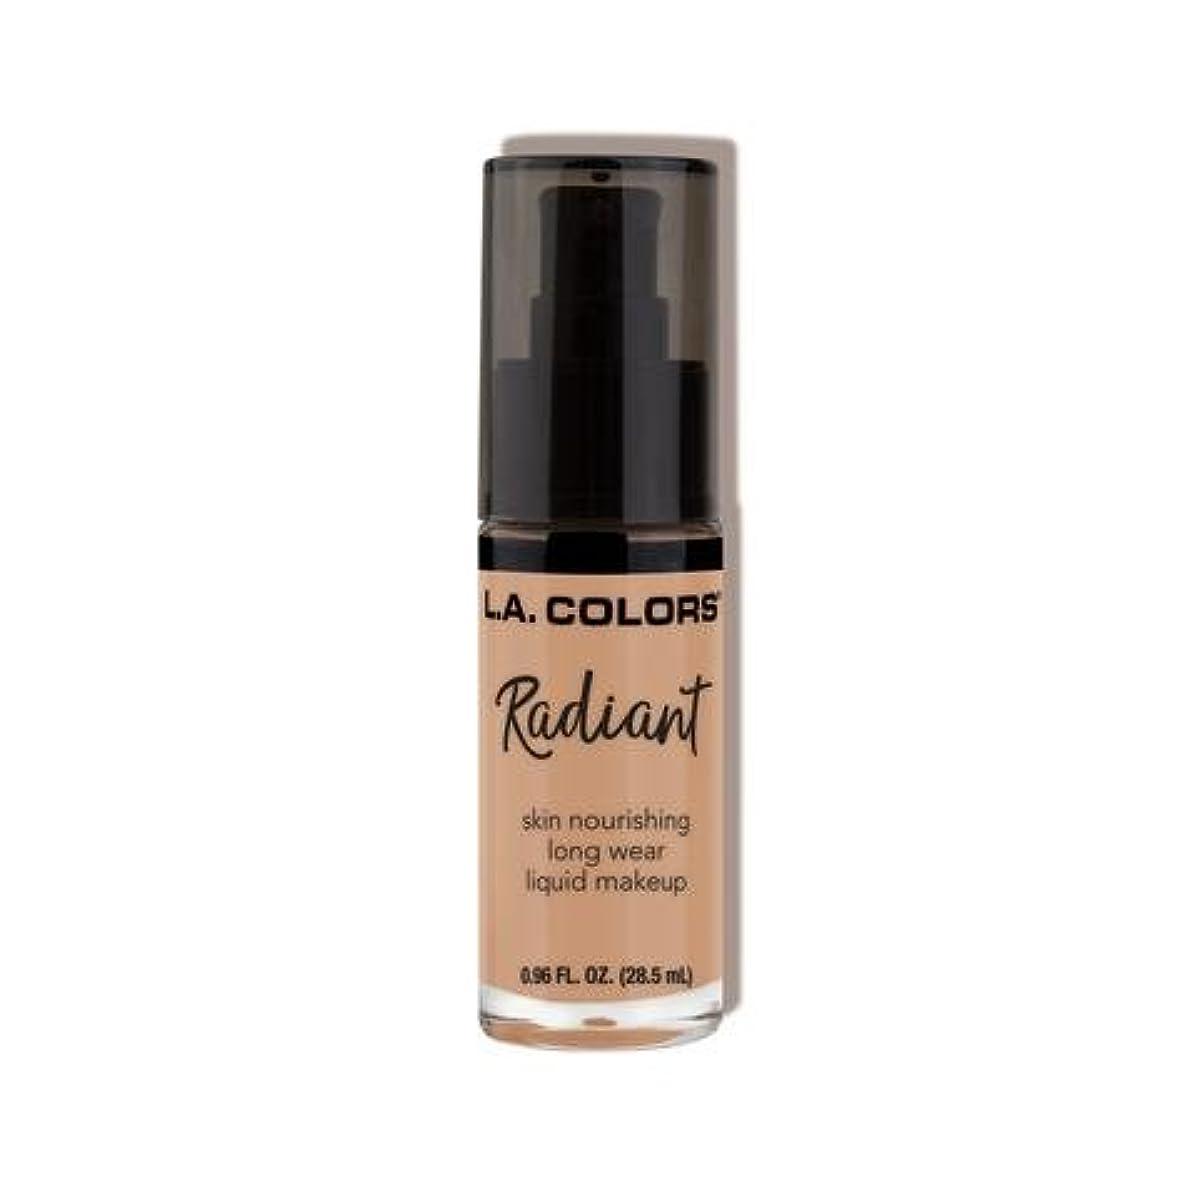 馬鹿げた事務所孤児(3 Pack) L.A. COLORS Radiant Liquid Makeup - Fair (並行輸入品)